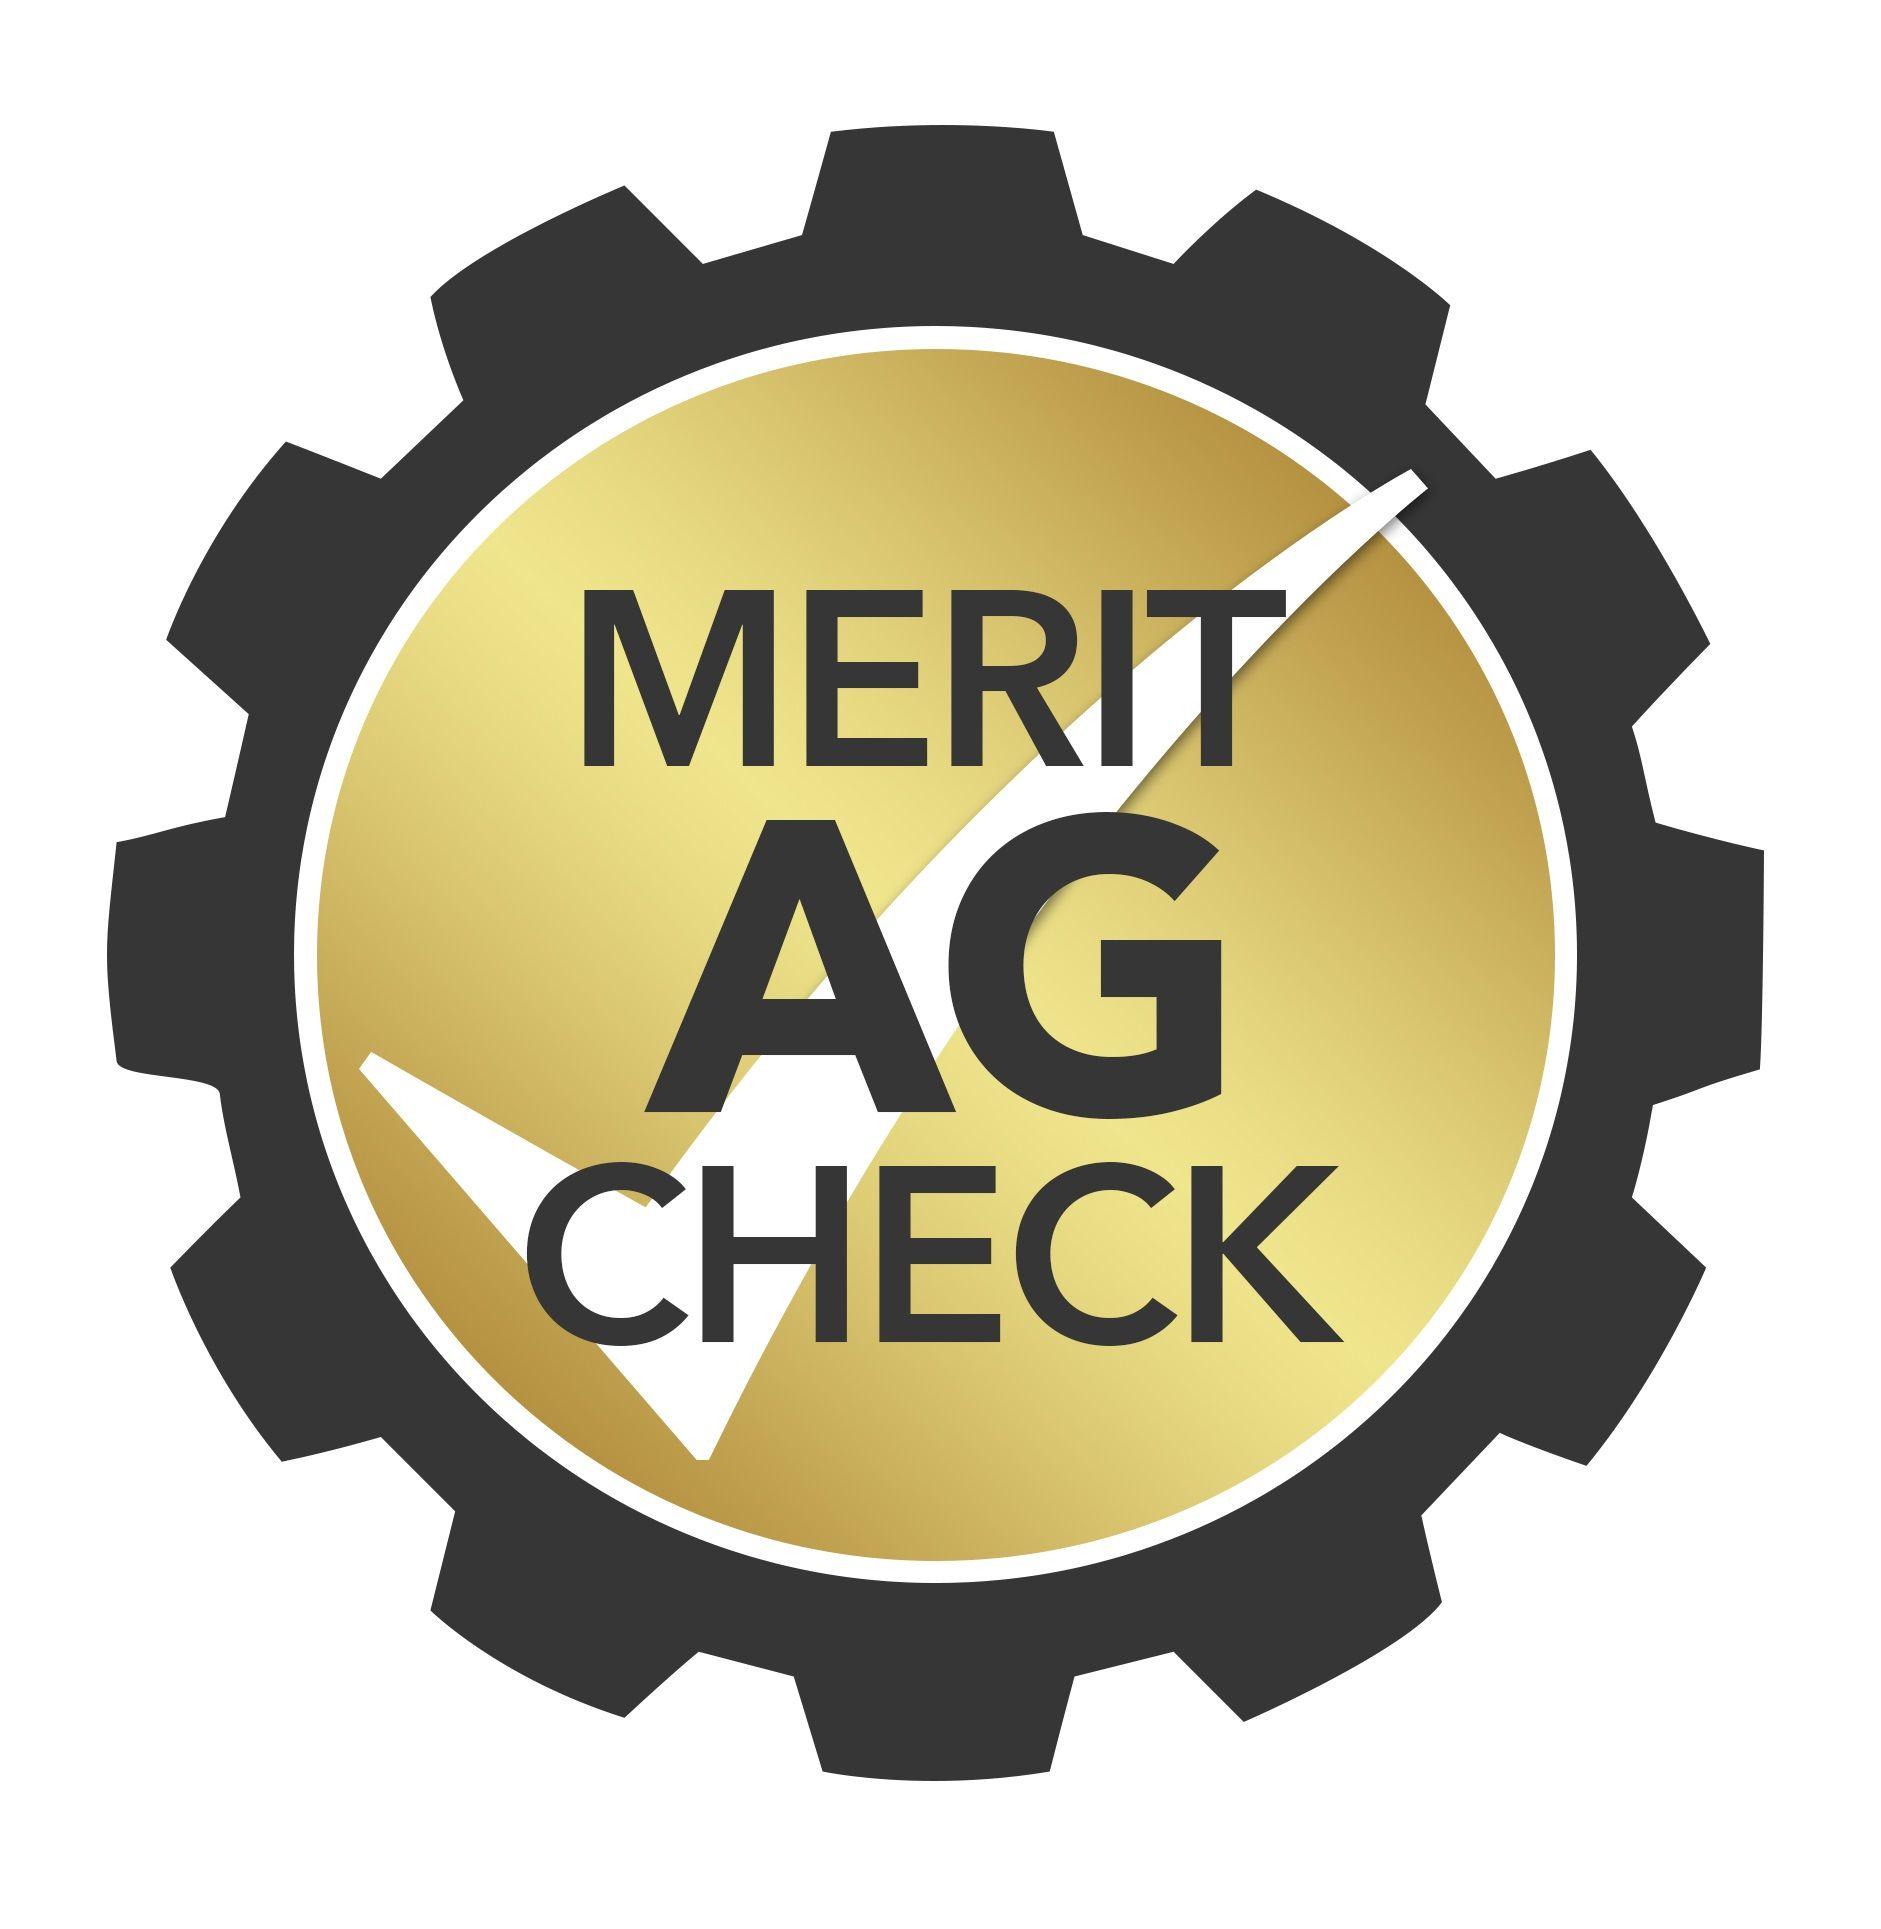 MeritAgCheck